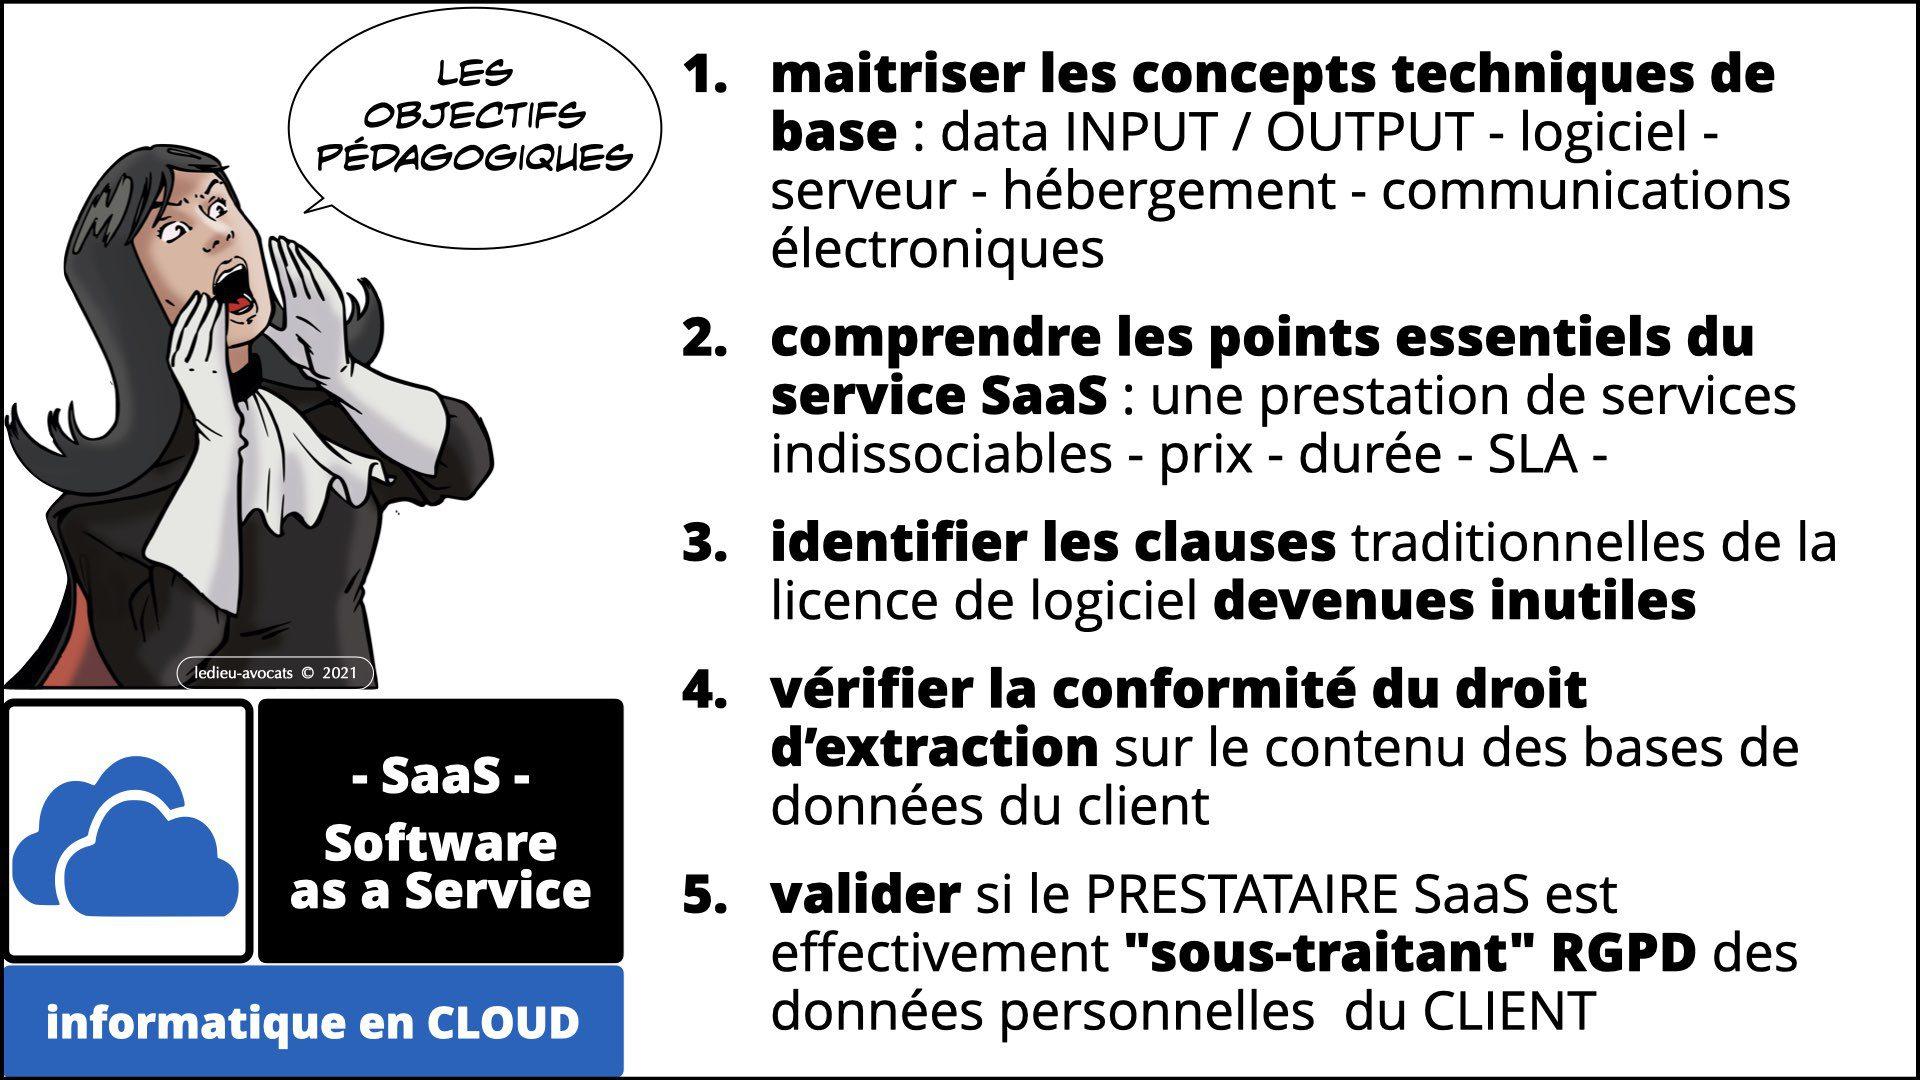 343 service LOGICIEL SaaS Software-as-a-Service cloud computing © Ledieu-Avocats technique droit numerique 30-08-2021.010